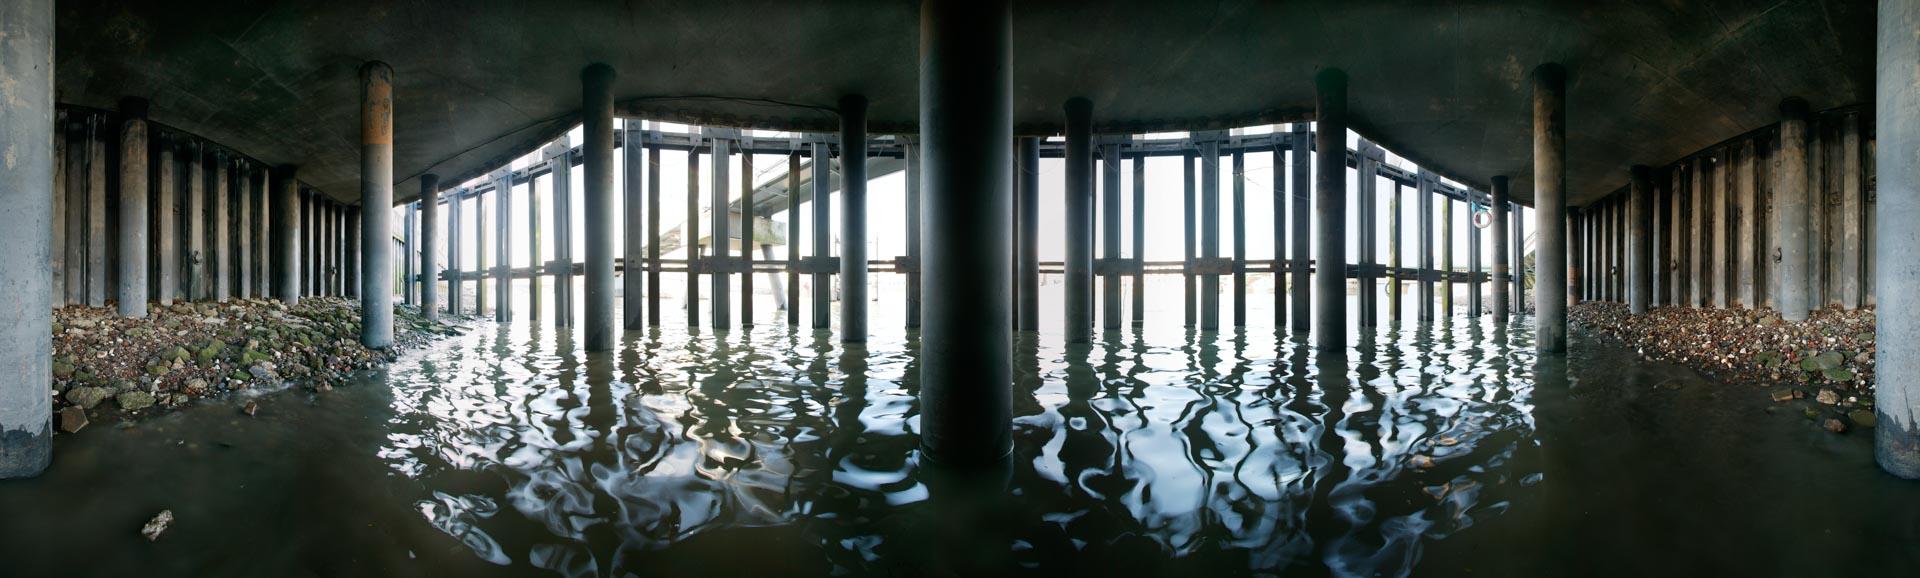 Unquiet Thames